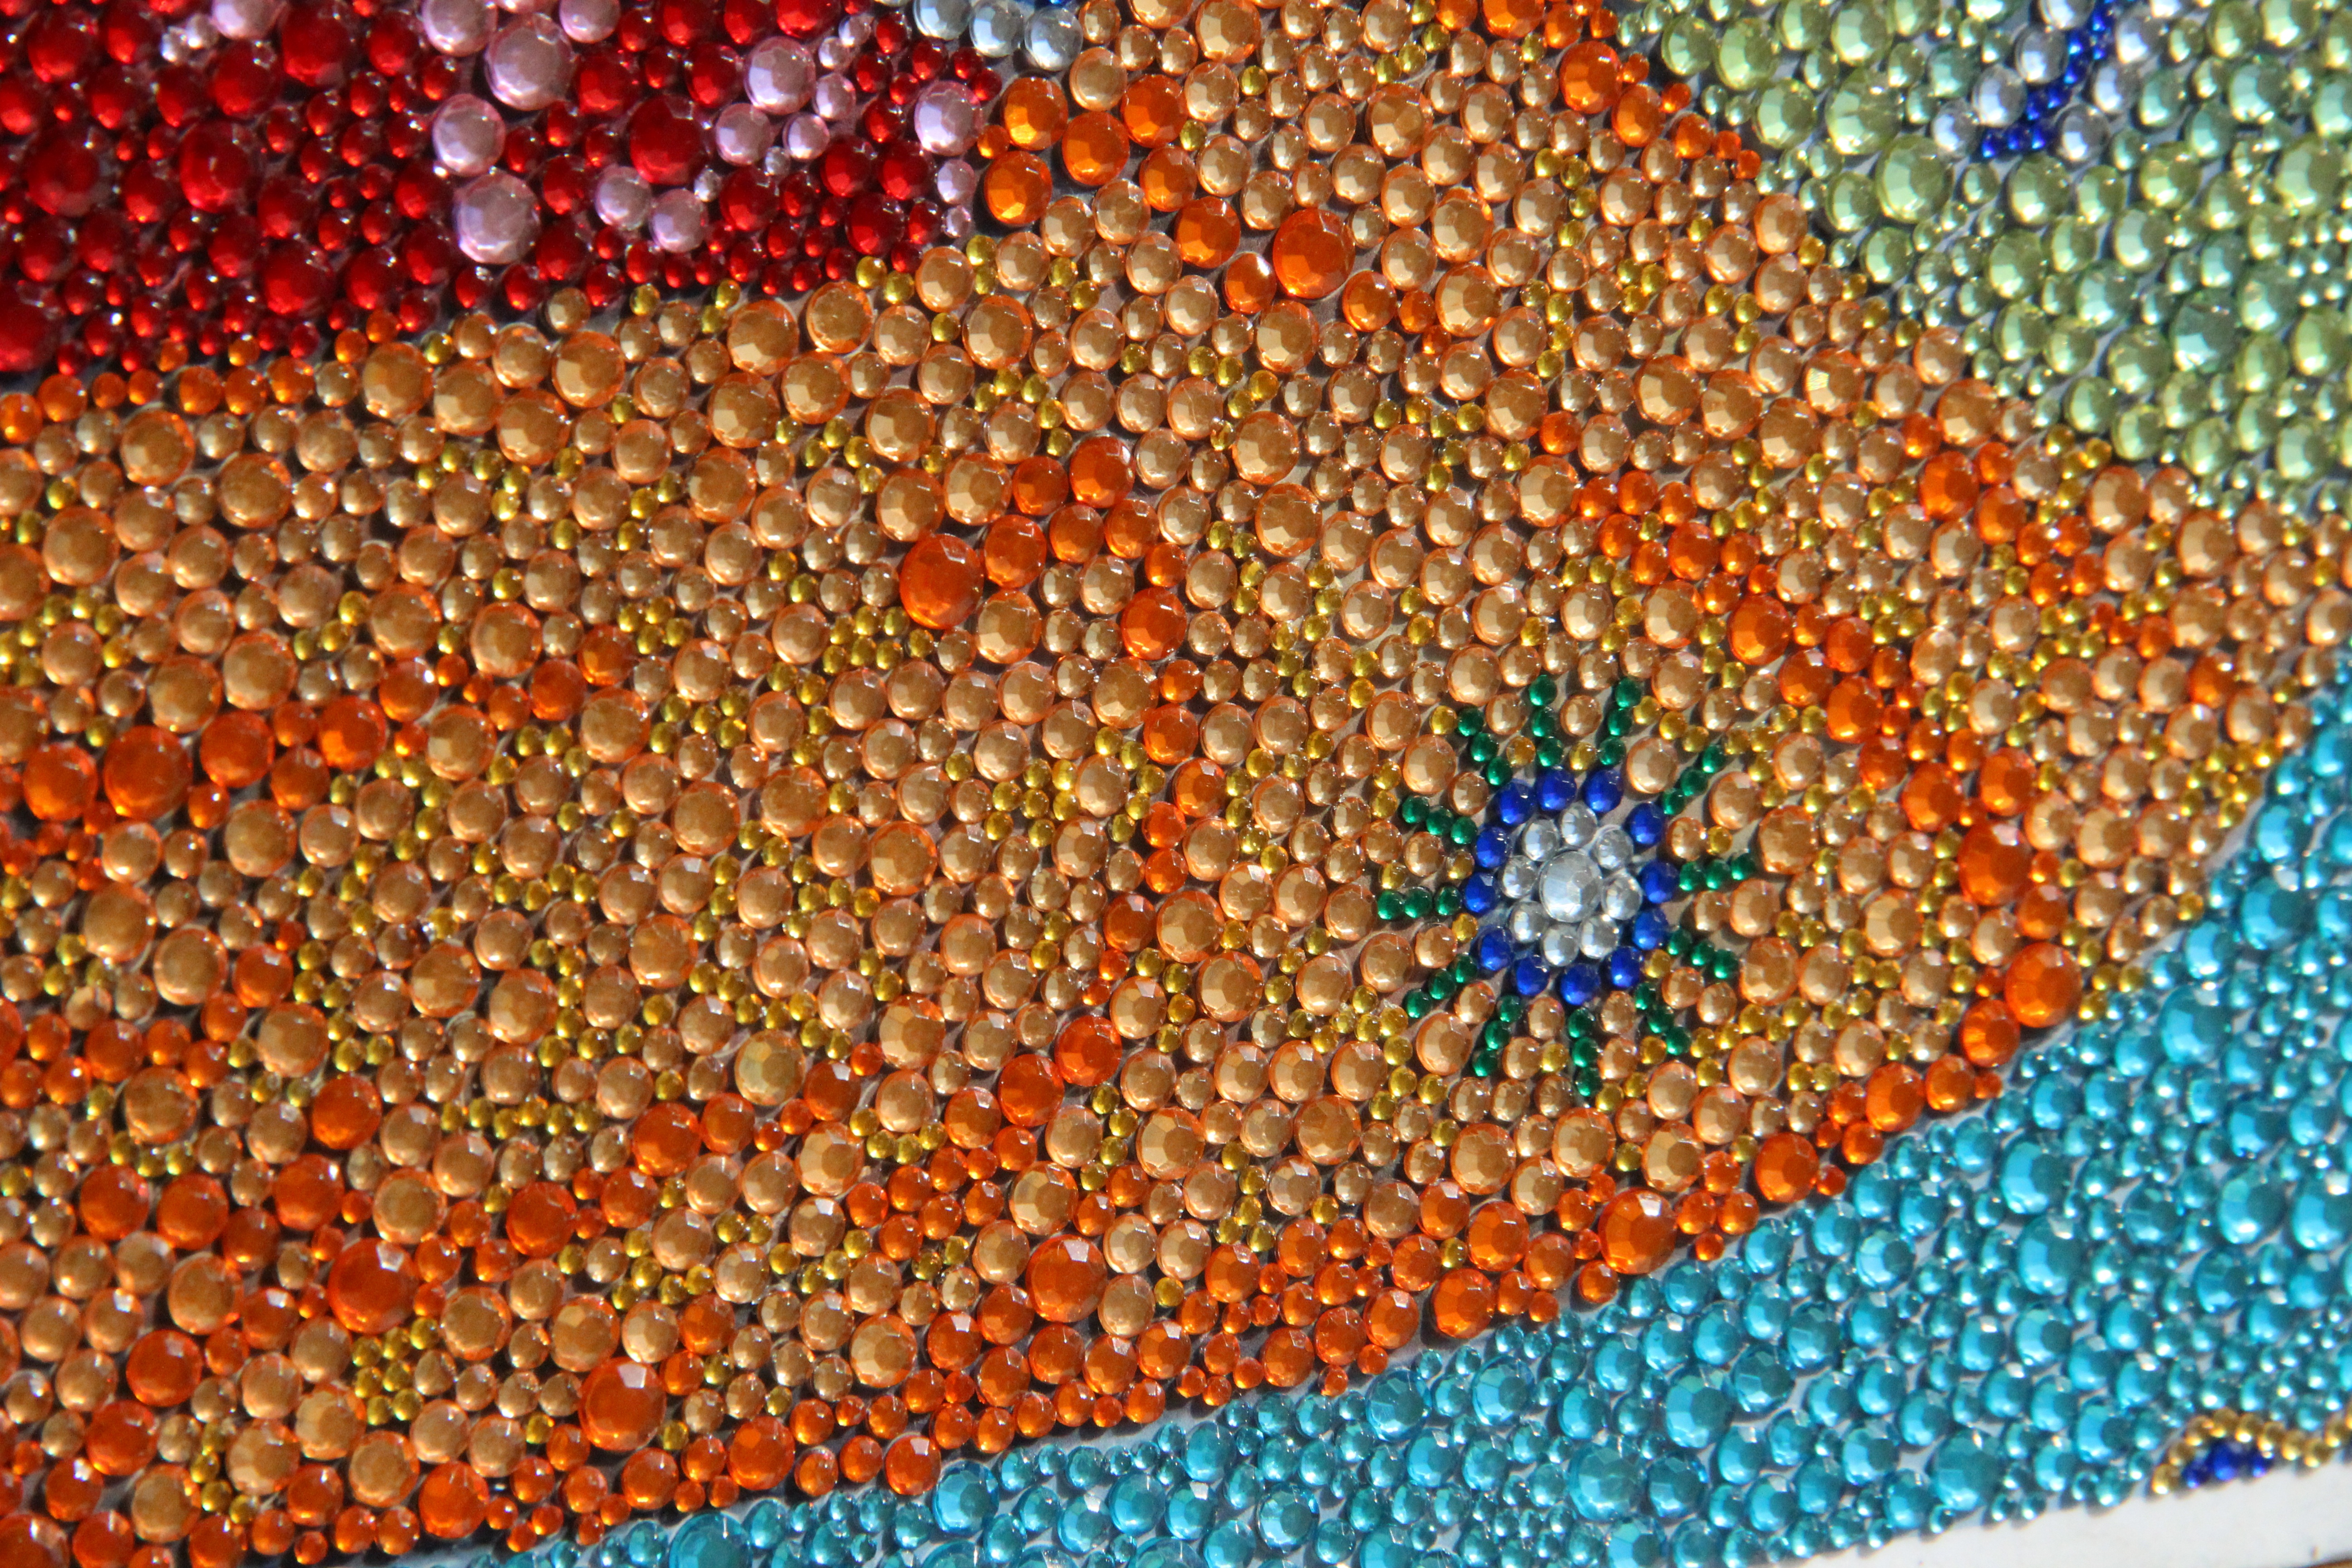 Эксклюзивная алмазная мозаика - изготовленная по Вашему эскизу (фото) 22